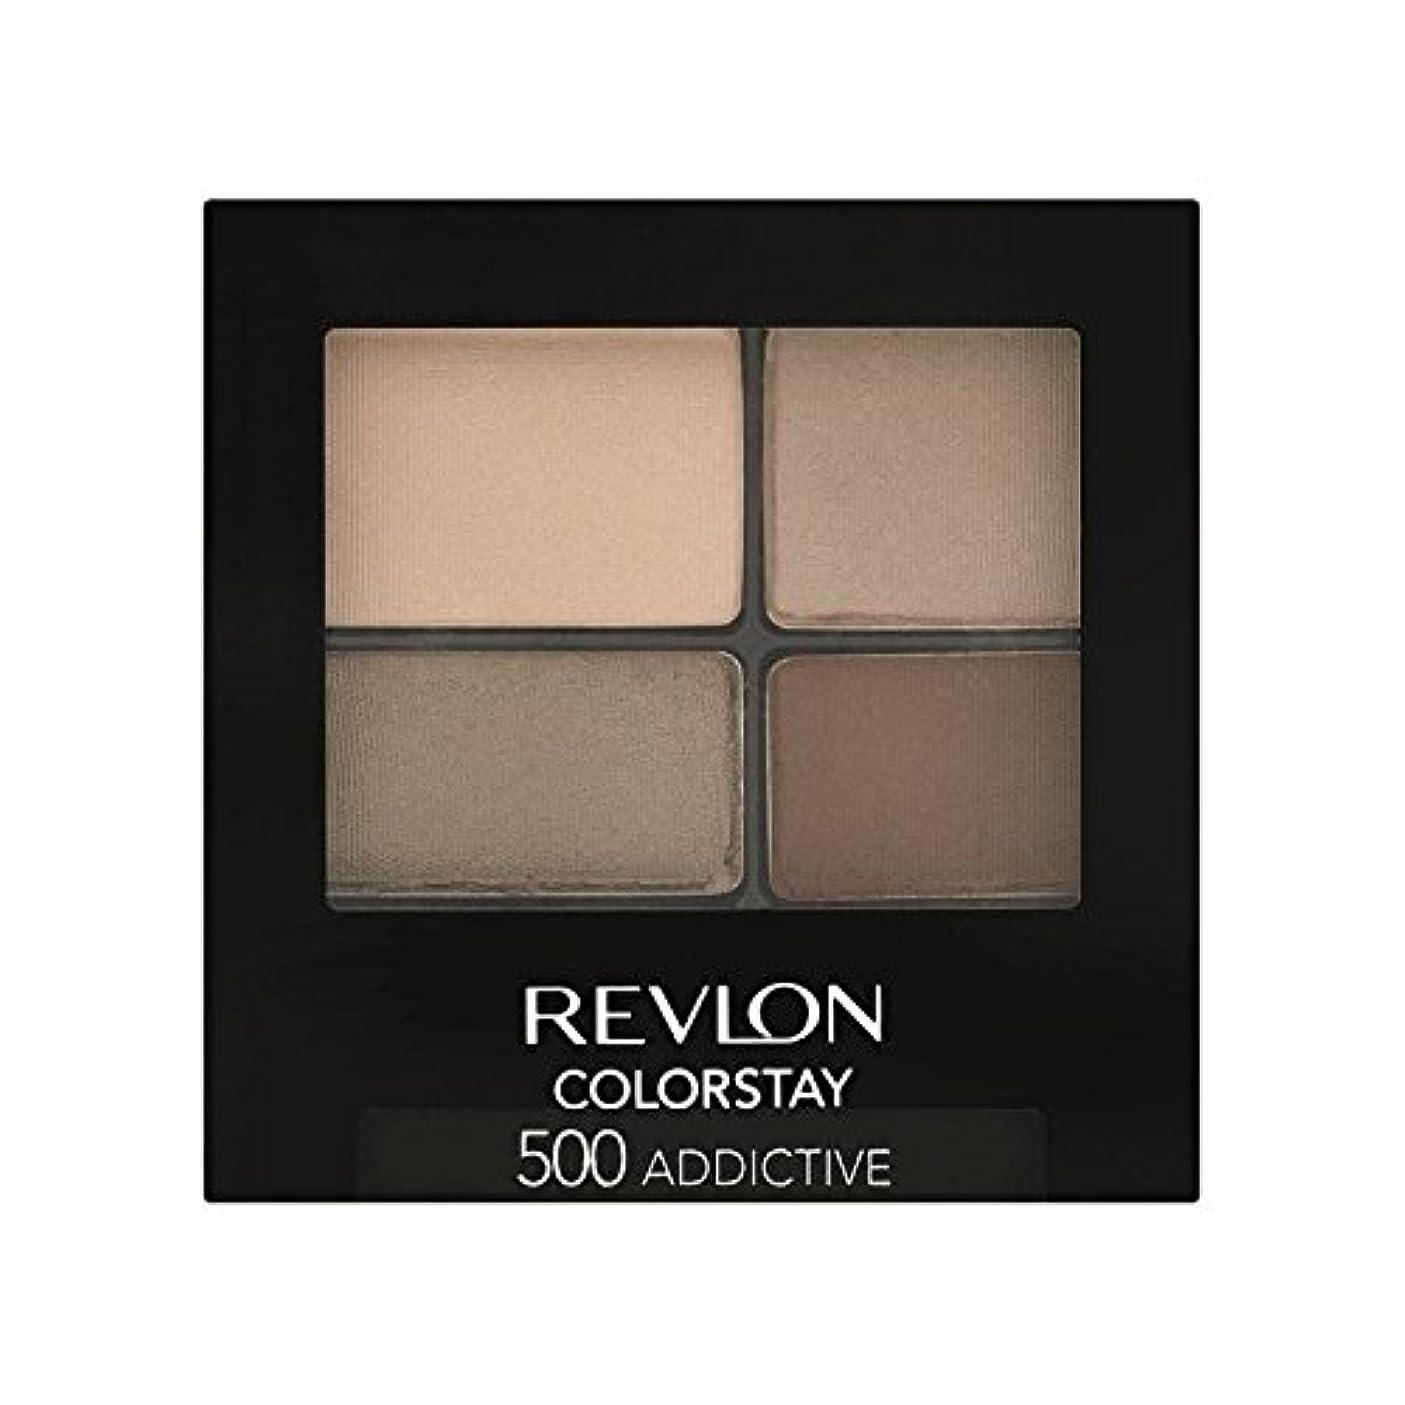 ピッチャー隔離する隔離する500中毒性のレブロン 16時間のアイシャドウ x4 - Revlon Colorstay 16 Hour Eye Shadow Addictive 500 (Pack of 4) [並行輸入品]